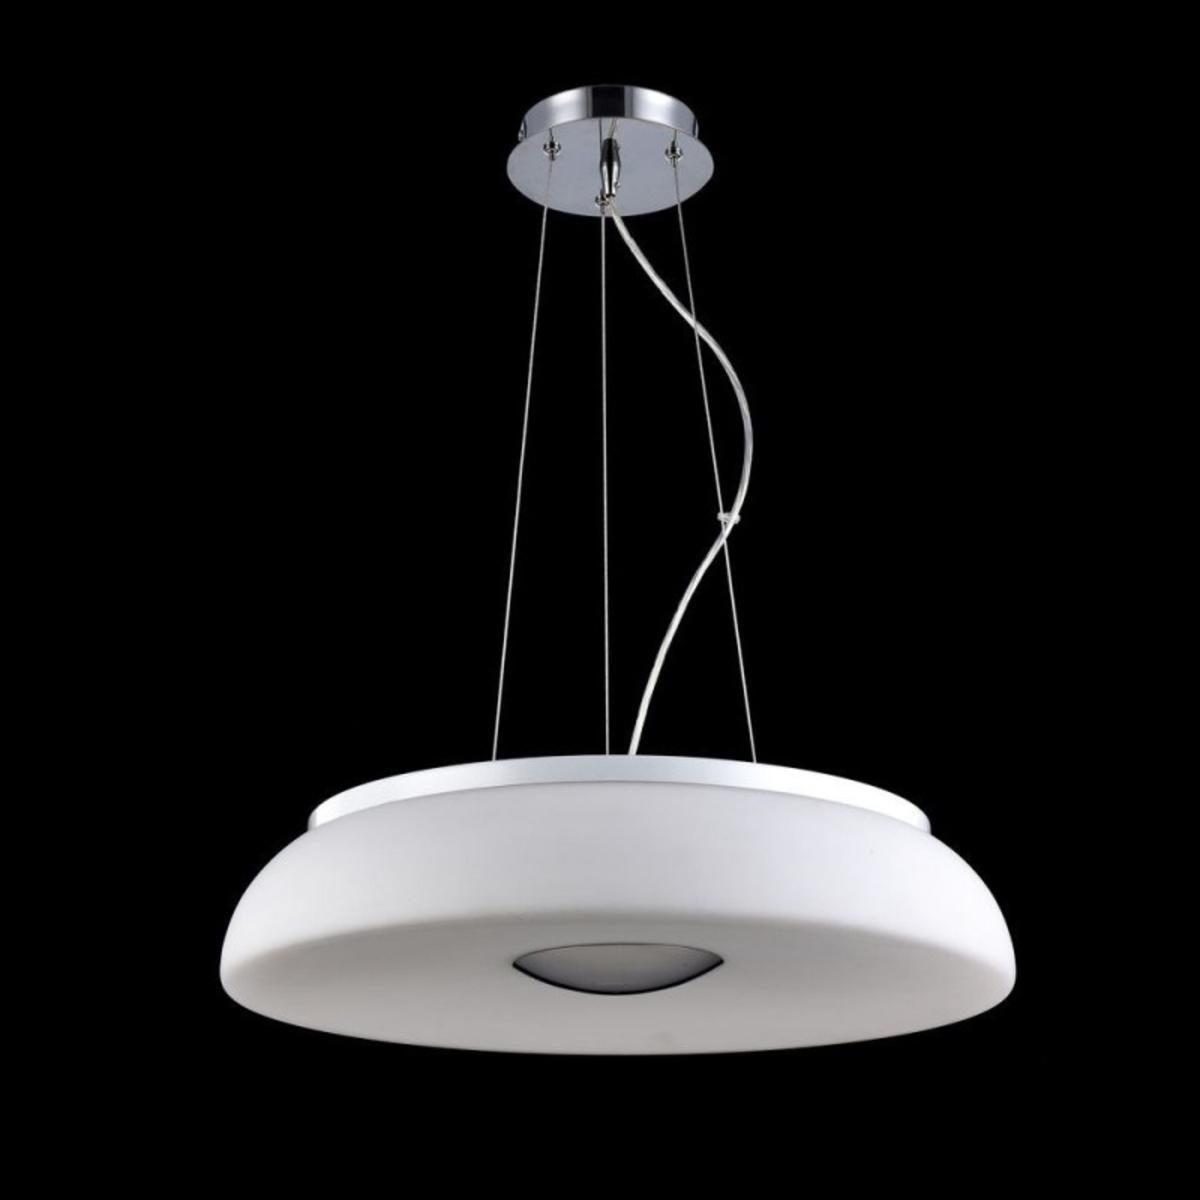 Купить Подвесной светильник Modern+MOD700 MOD700-04-W, HomeMe